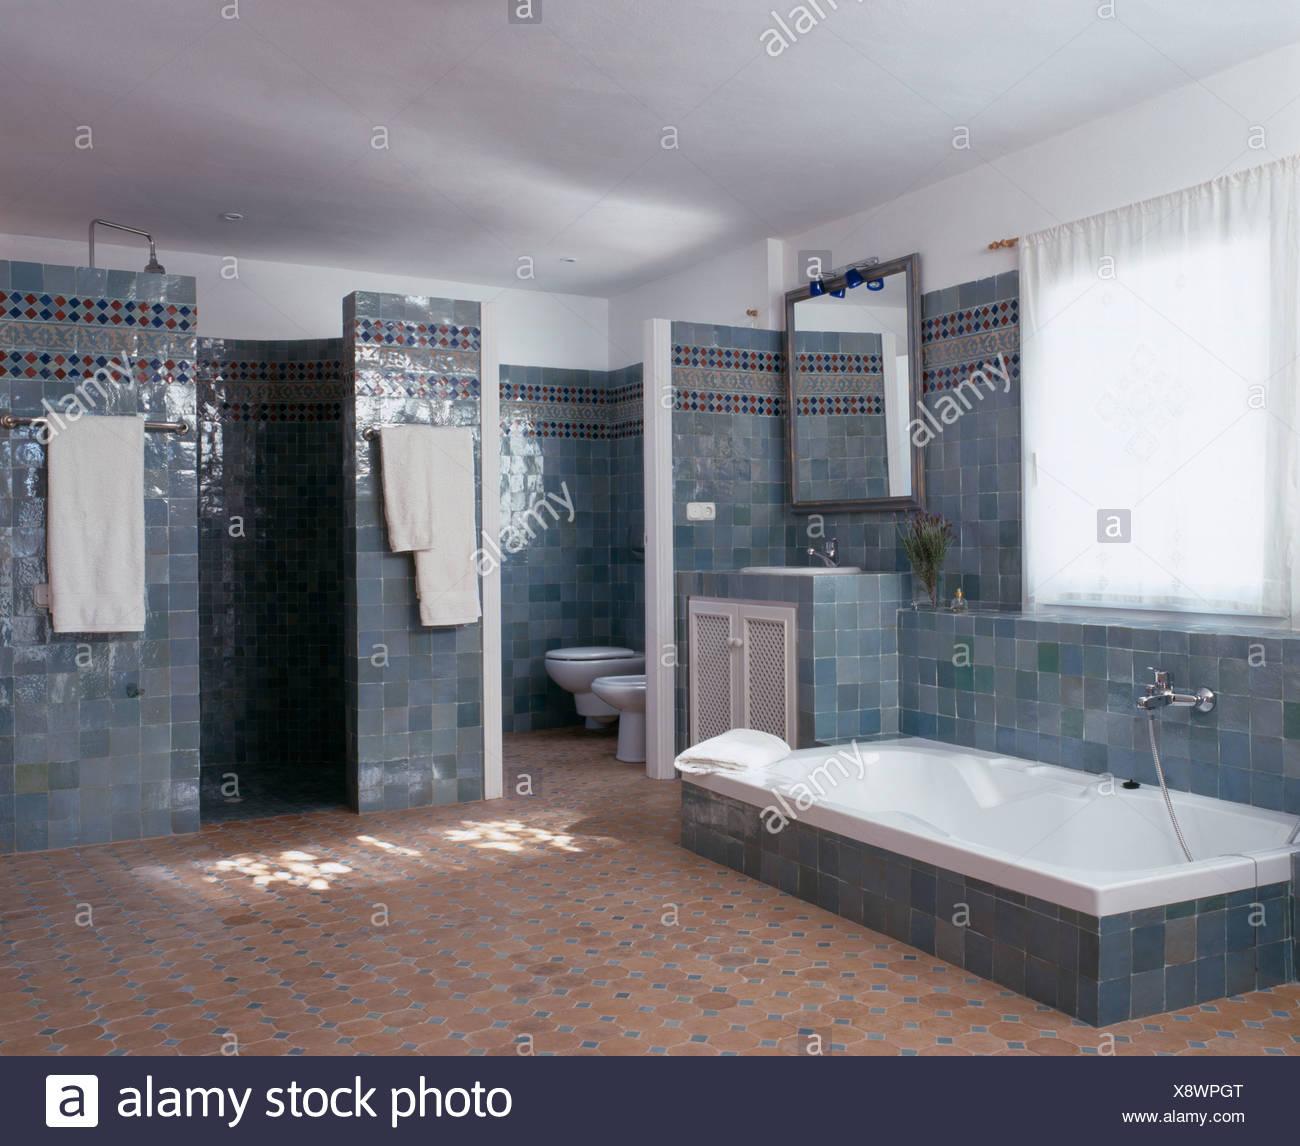 Vasca da bagno incassata in grigio blu spagnolo in piastrelle bagno con pavimento in piastrelle - Bagno in spagnolo ...